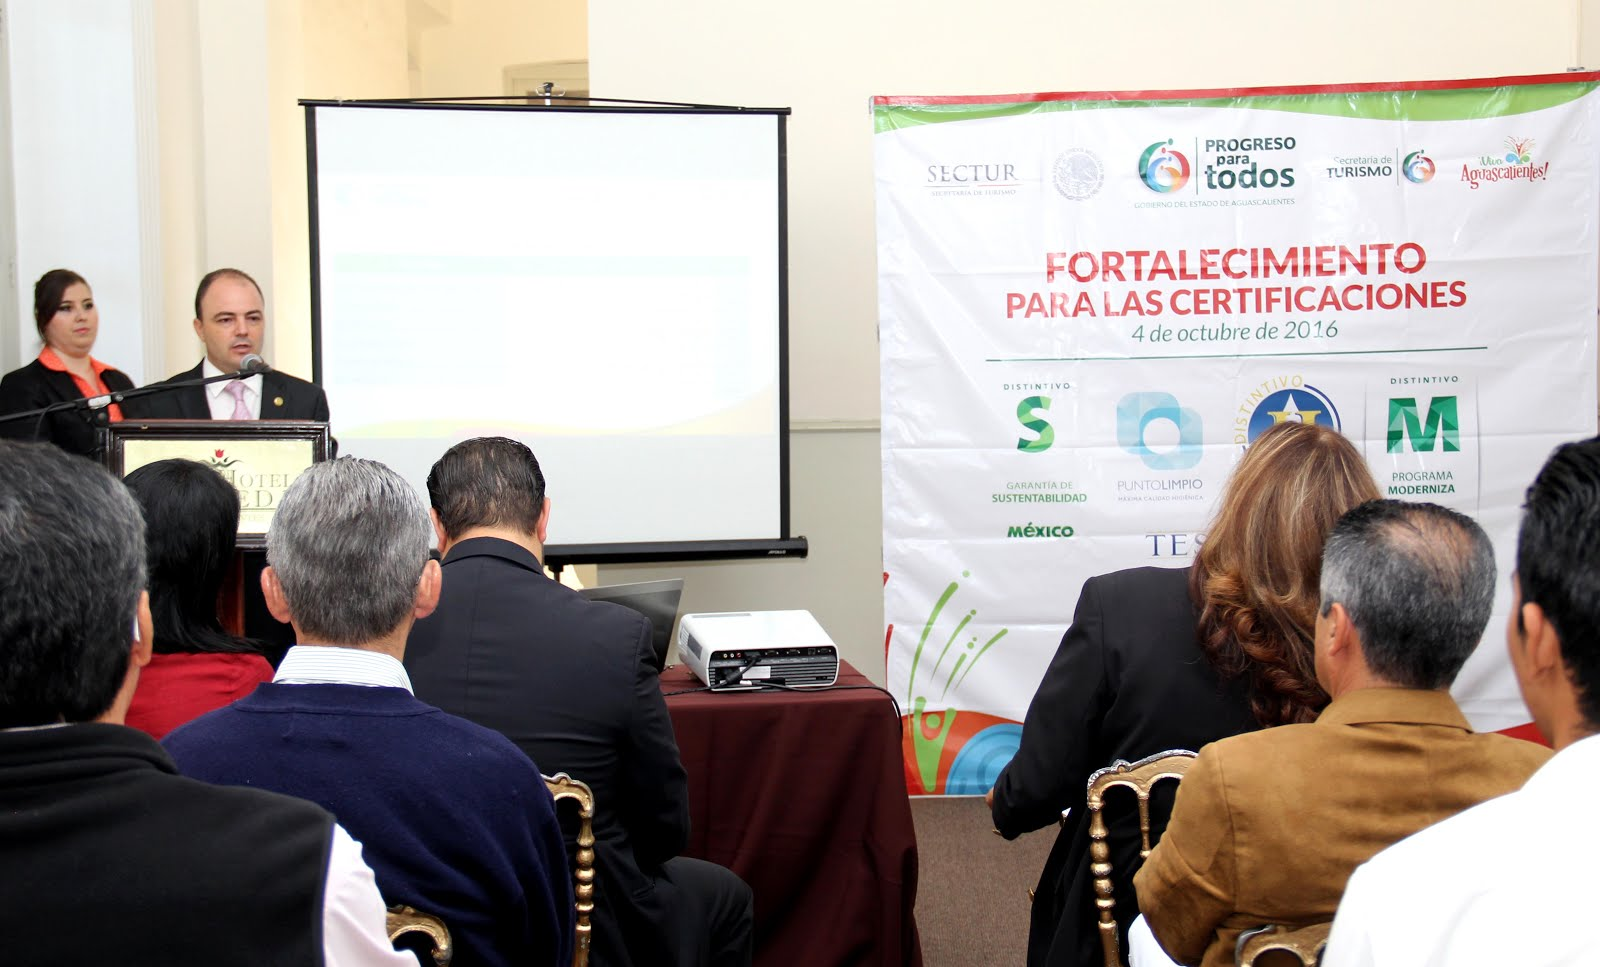 Dependerá en el futuro el turismo de las certificaciones de sanidad para dar mayor confianza